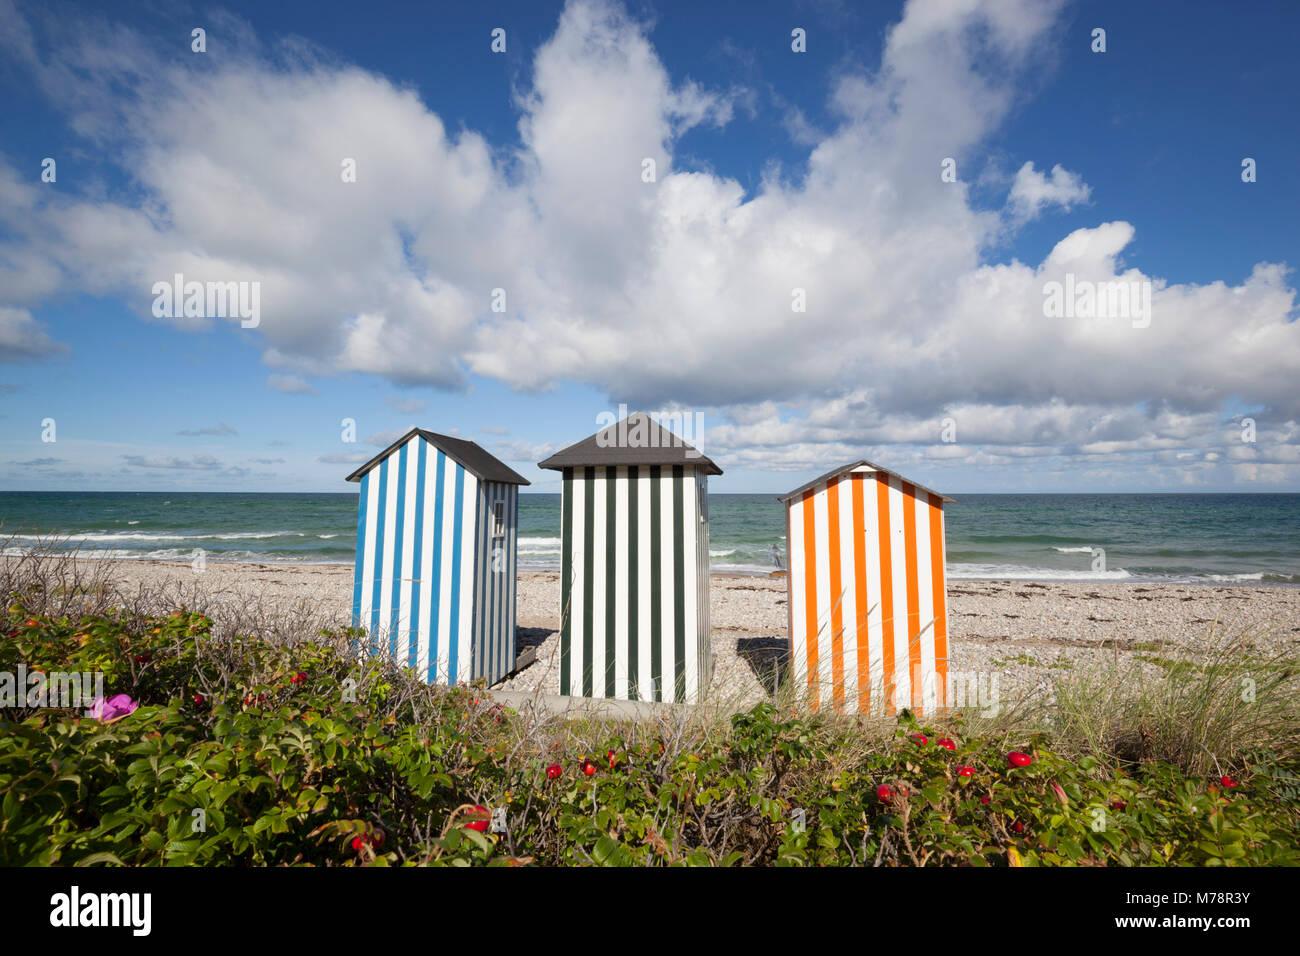 Bunten Badekabinen am Kieselstrand mit blauem Meer und Himmel mit Wolken, Rageleje, Kattegat Coast, Neuseeland, Stockbild